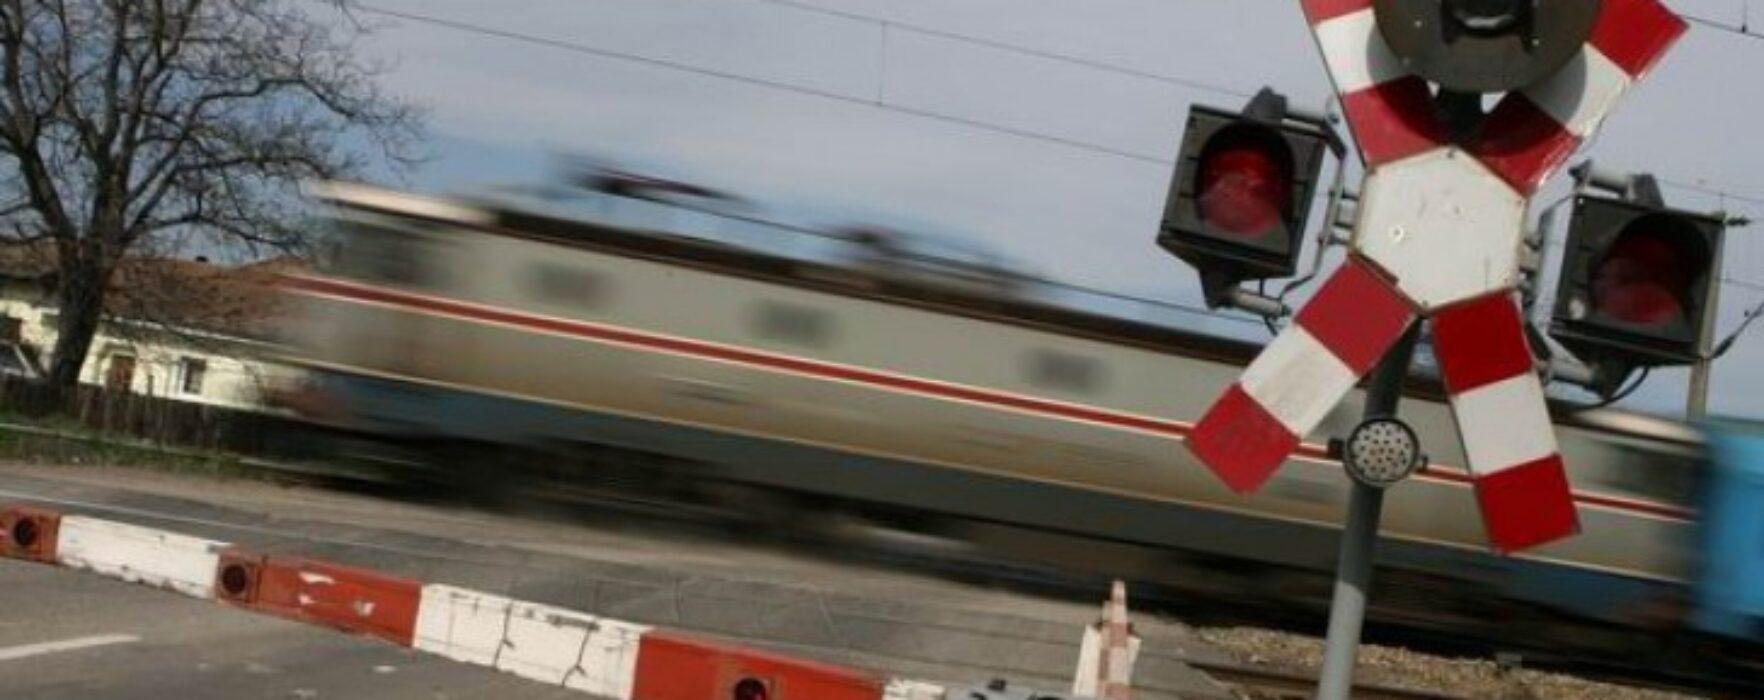 Maşină lovită de tren la Bâldana, două persoane rănite